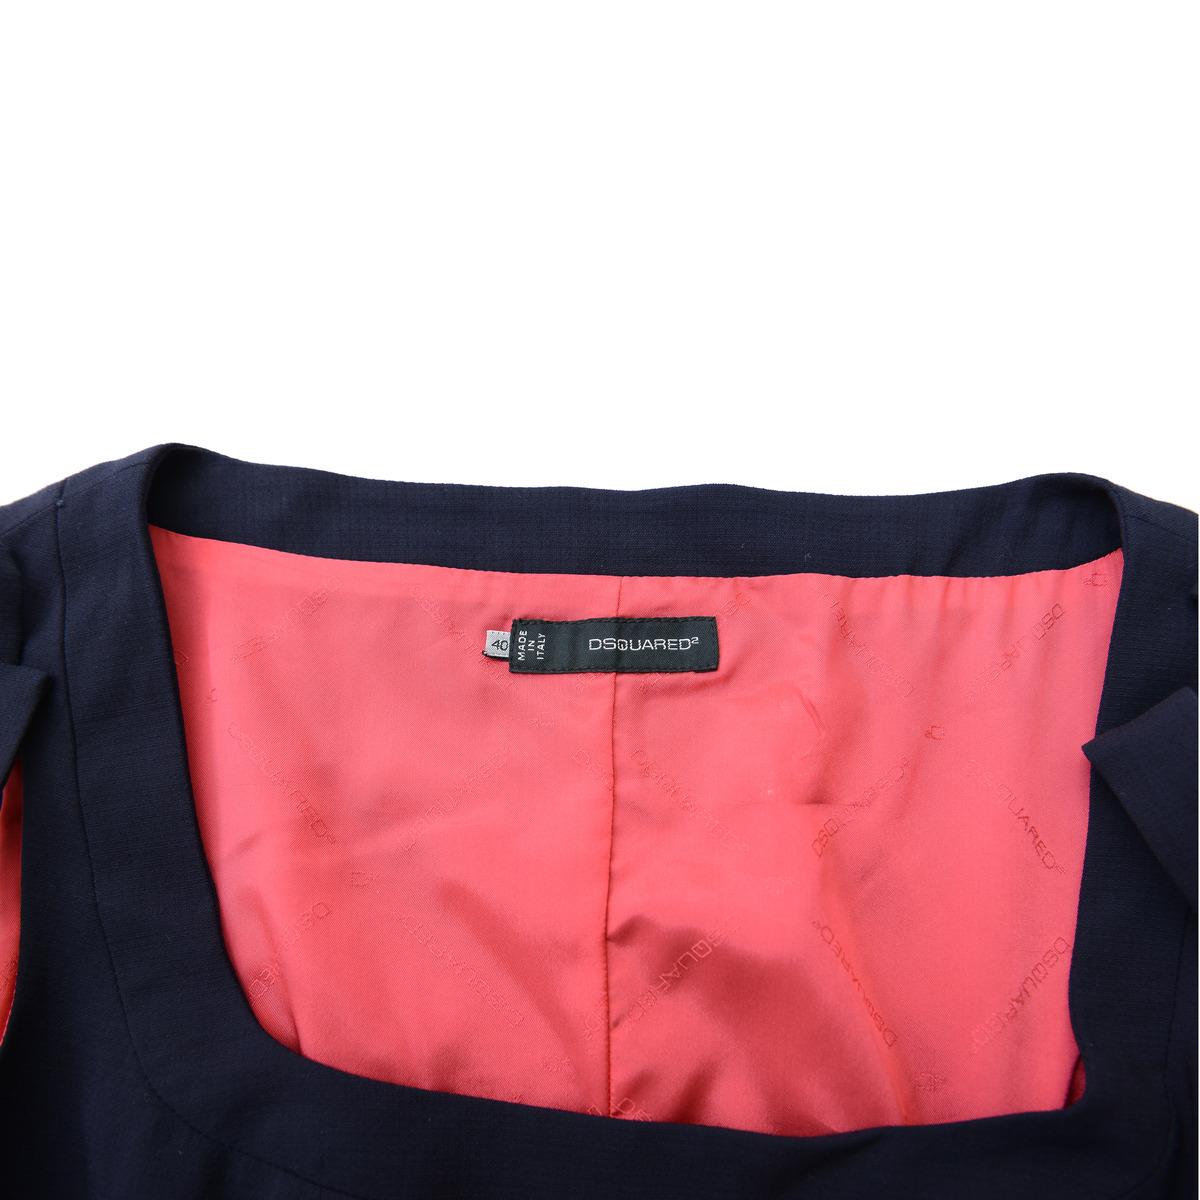 dsquared dark blue knee length dress us s eu 40 retail value 6 25 our